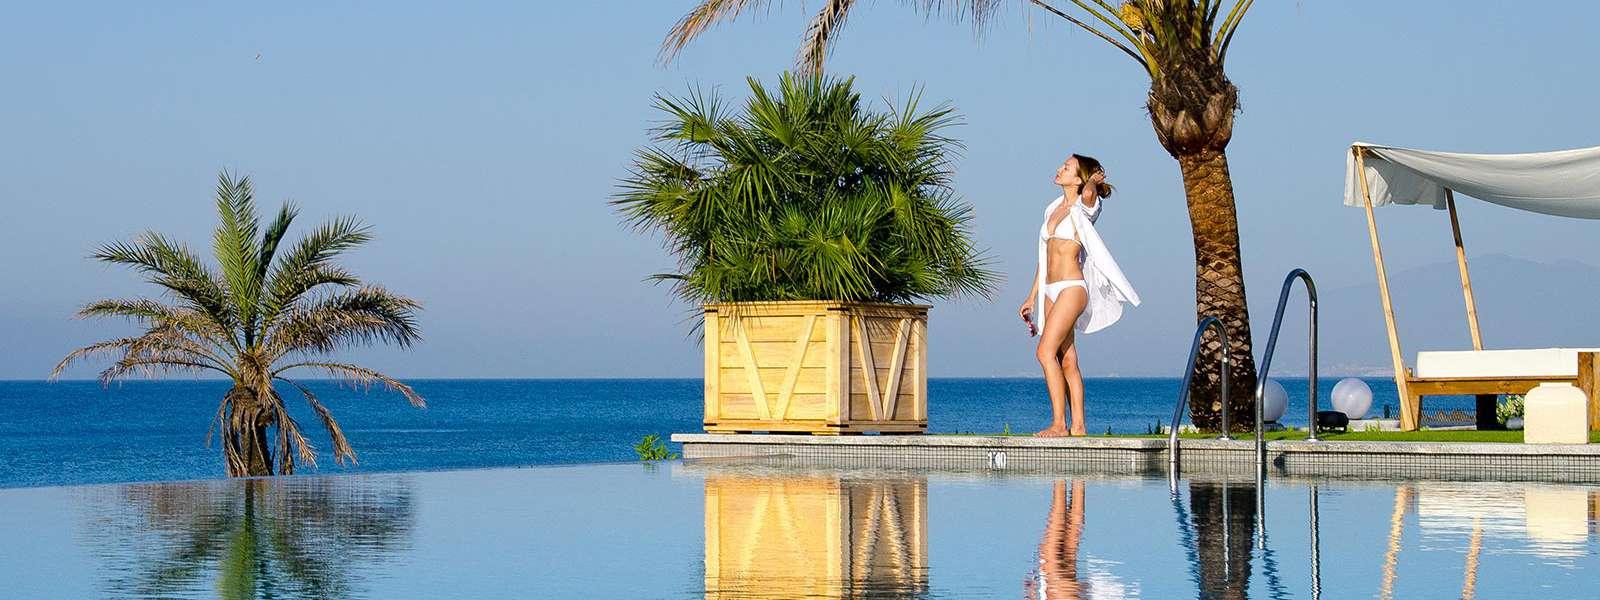 Vincci Hoteles | Estrella del Mar - Beach Club